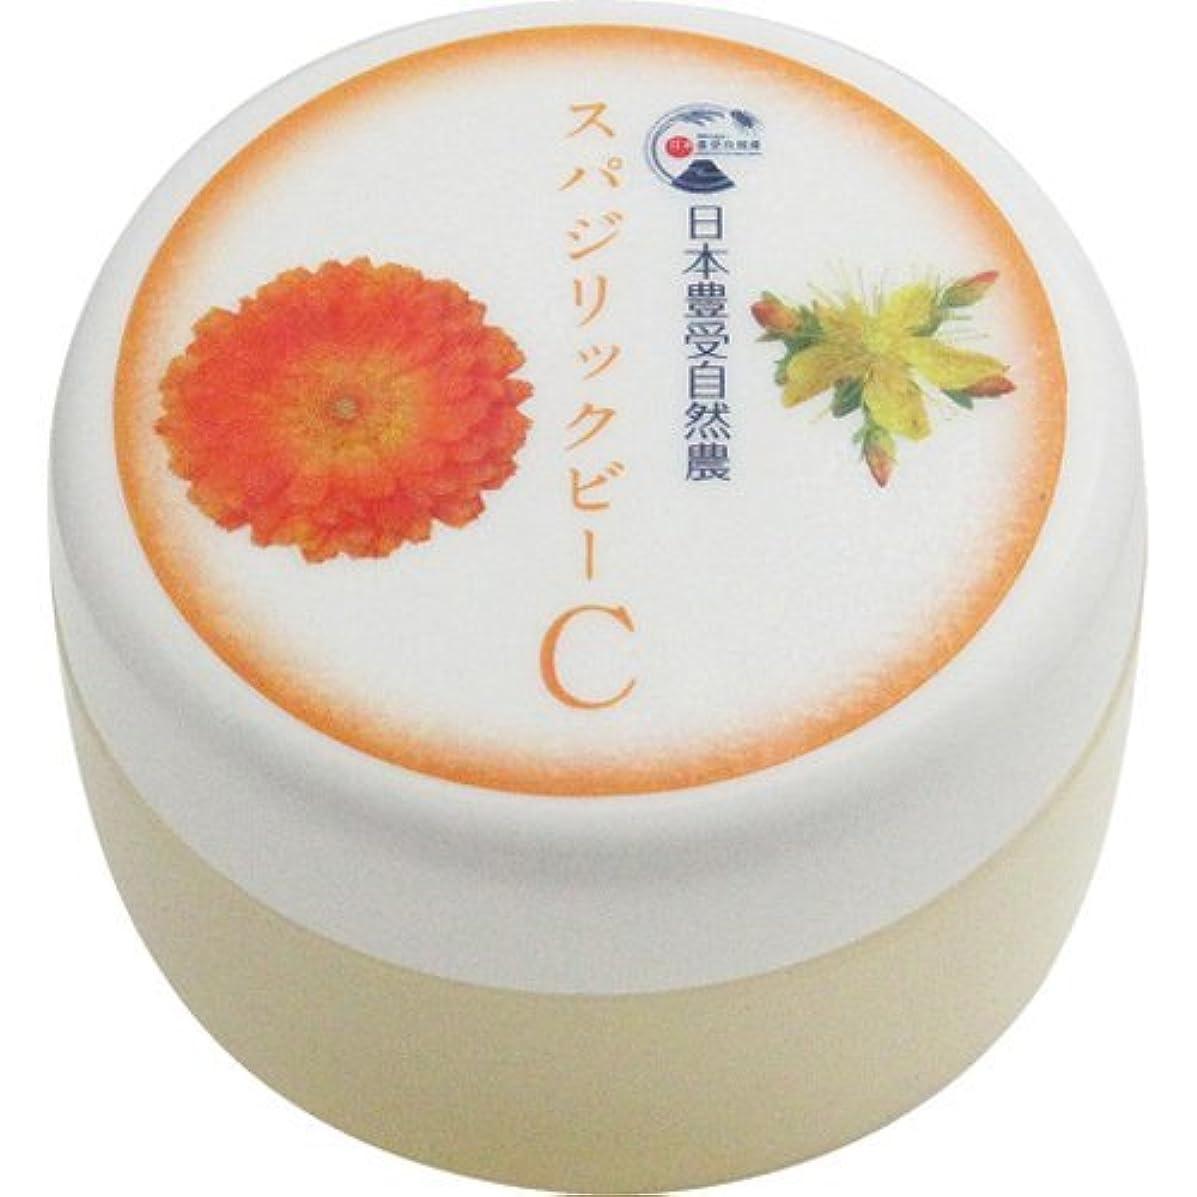 証拠かもめ日本豊受自然農 スパジリック ビーC(小) 10g